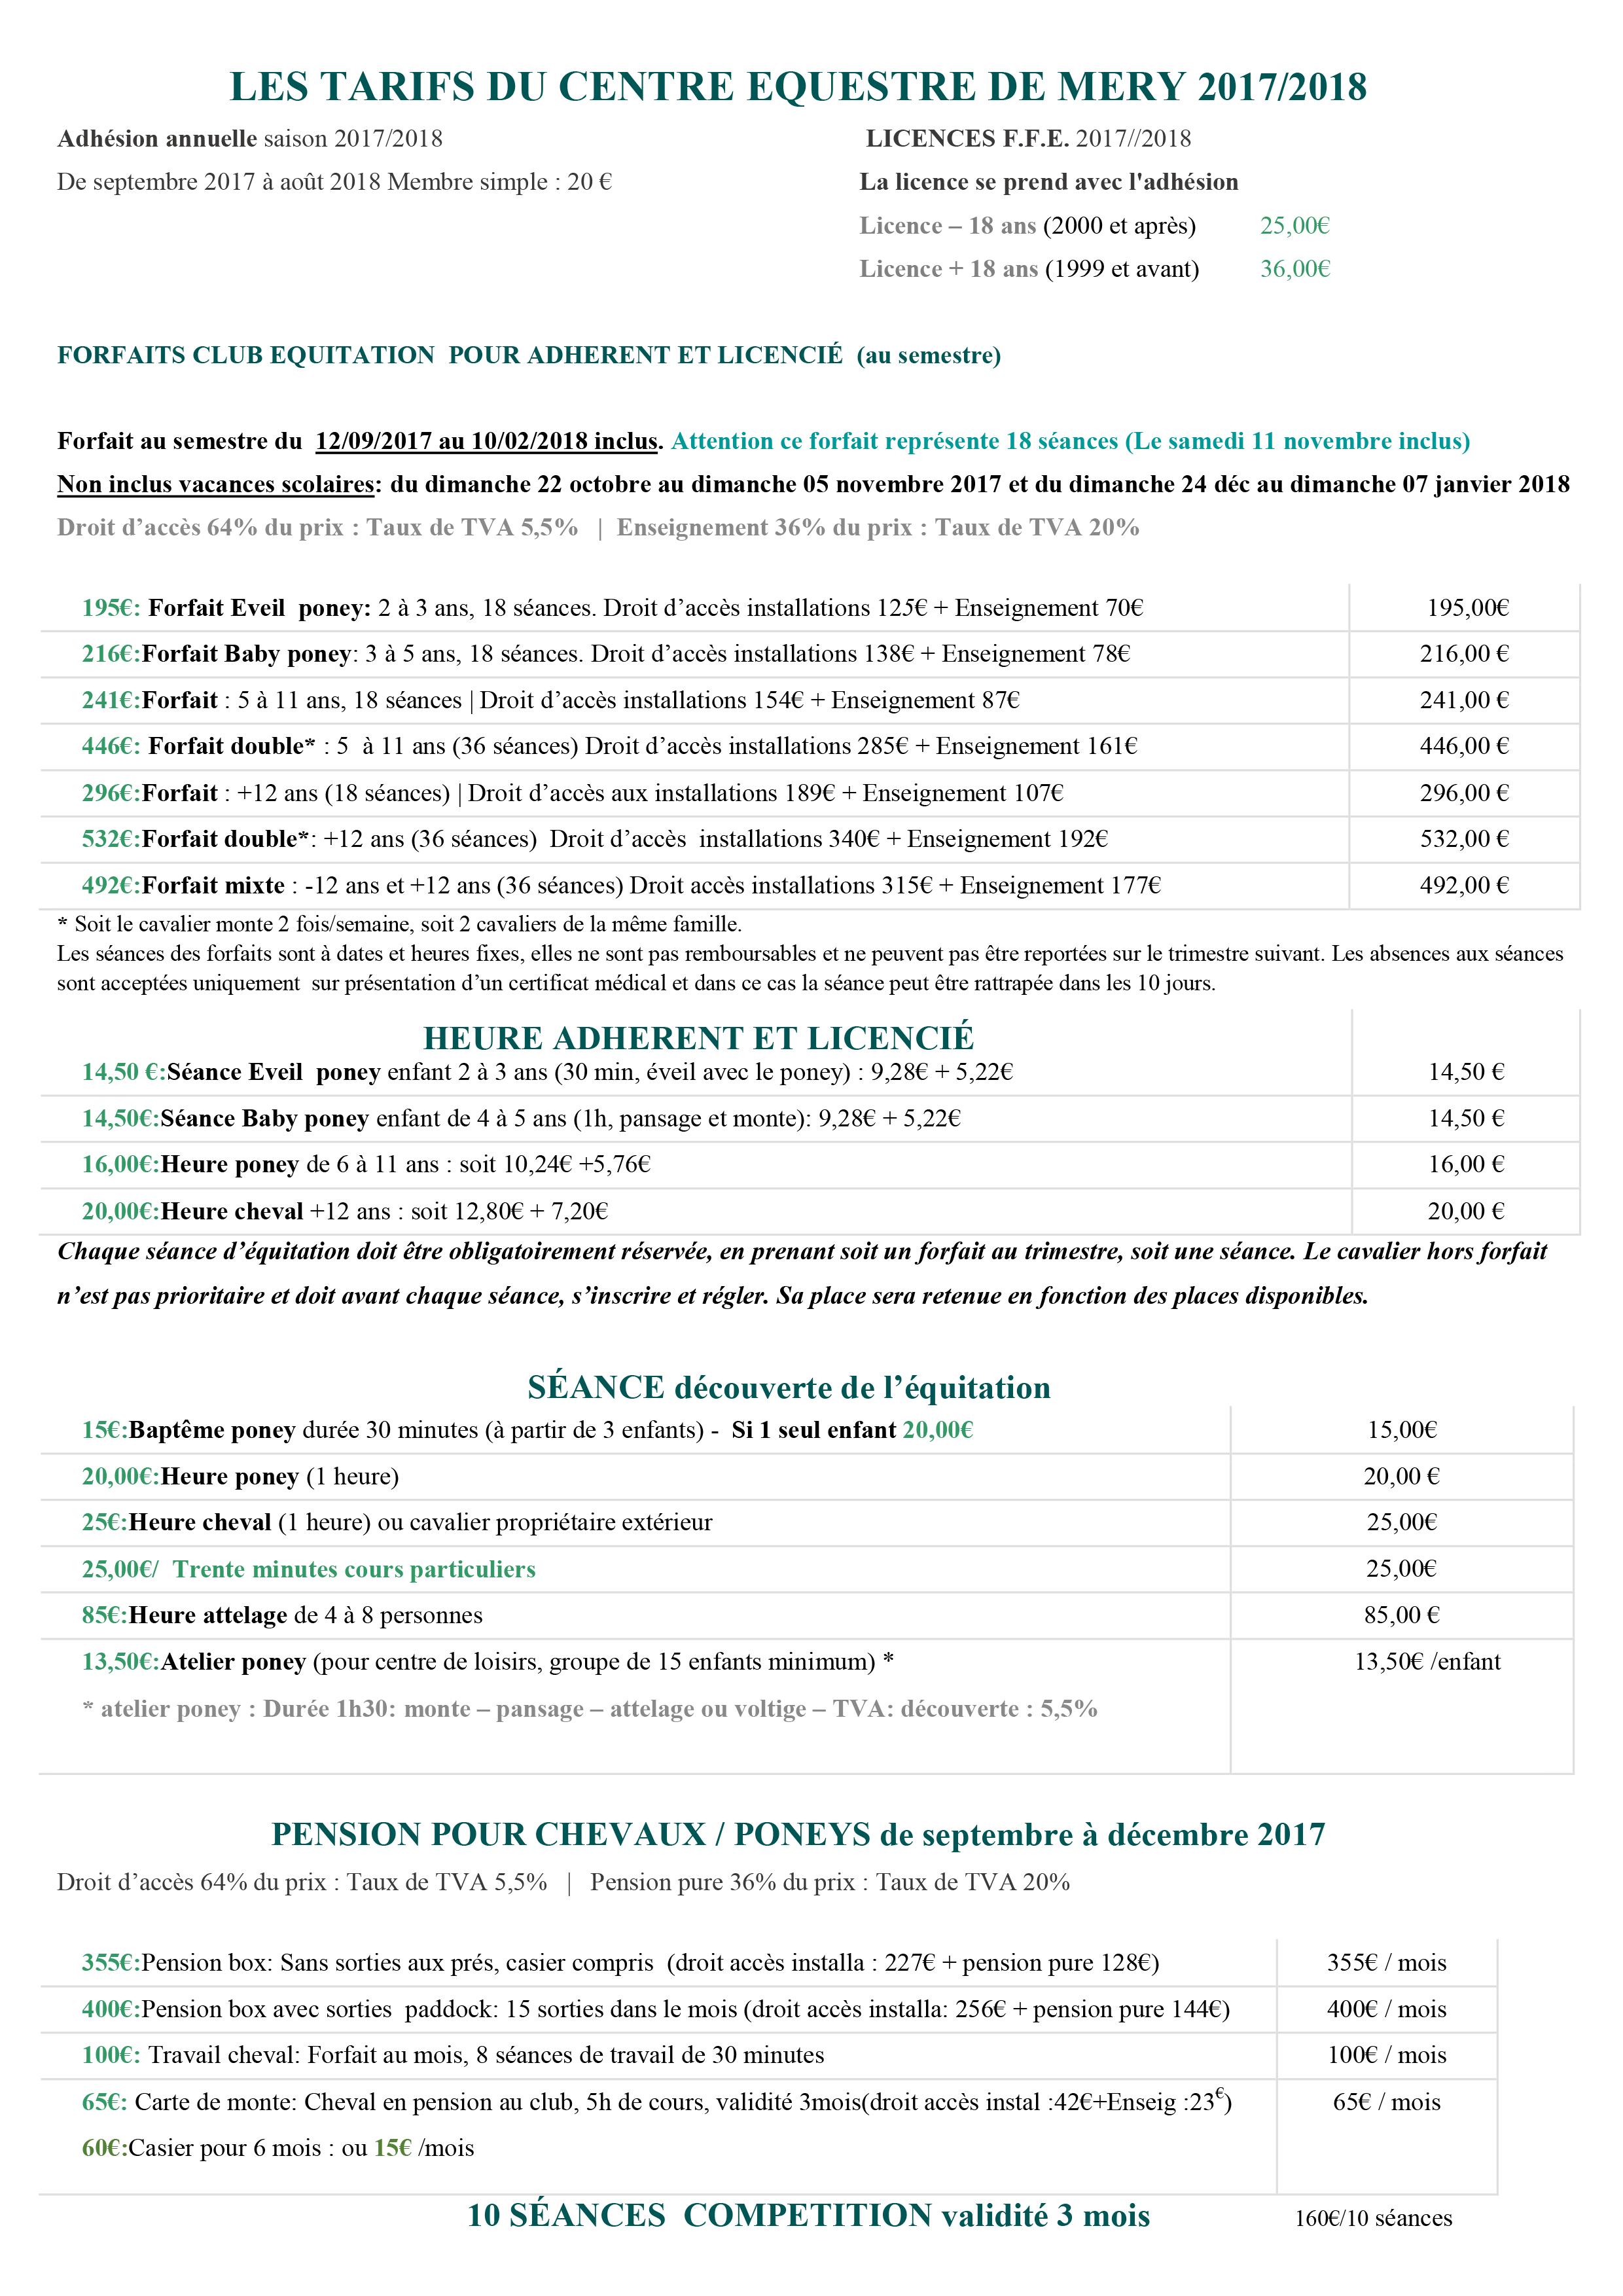 tarif_2017_2018